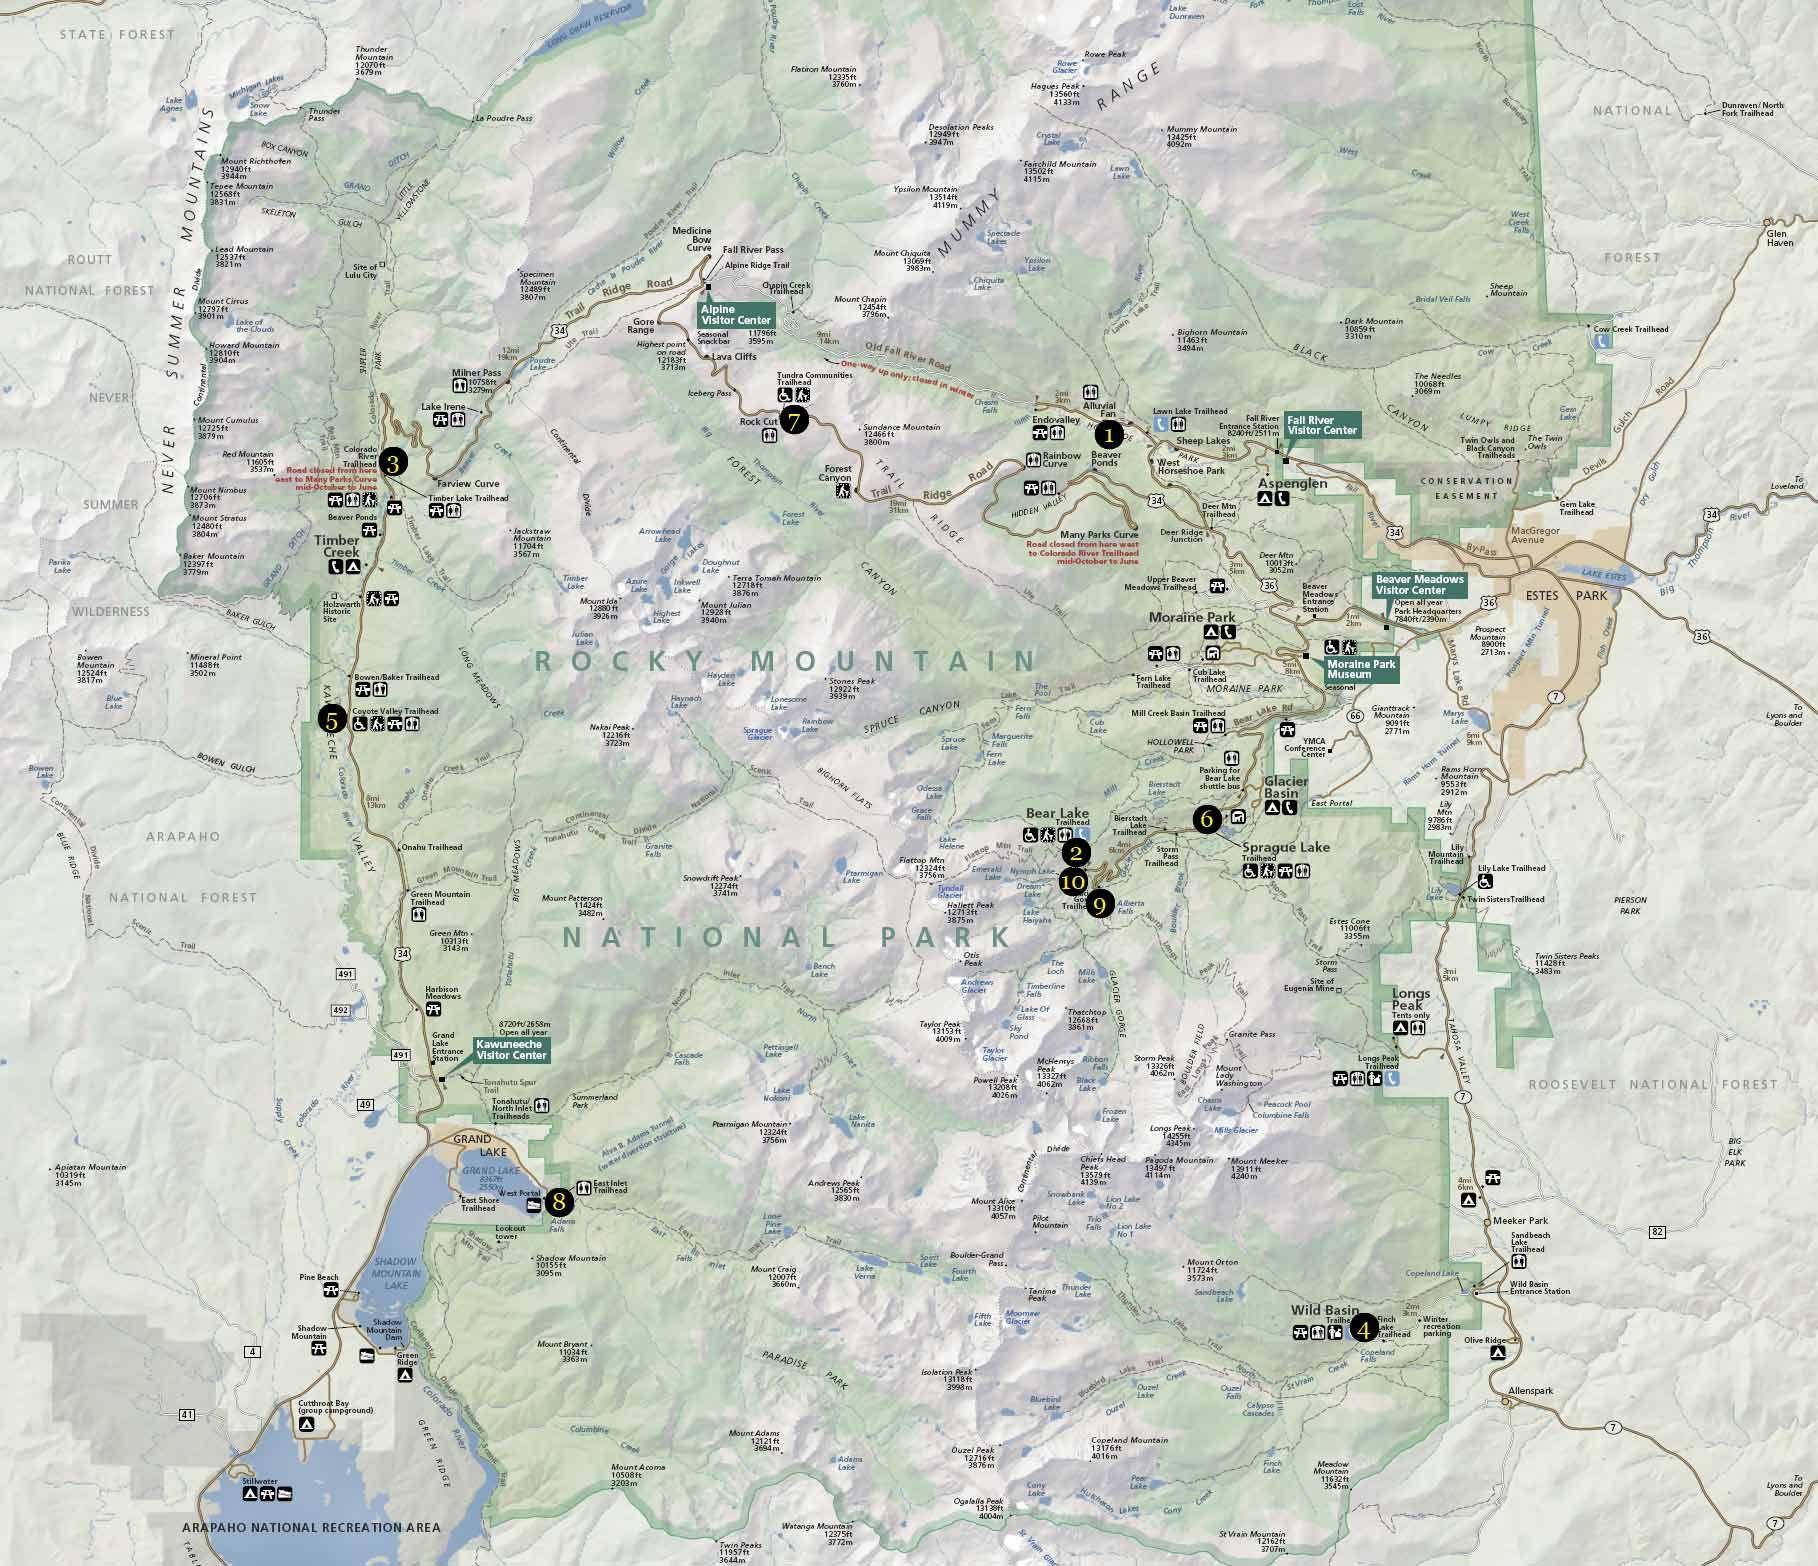 Rocky Mountain National Park Map Rocky Mountain National Park - Map of colorado national forests